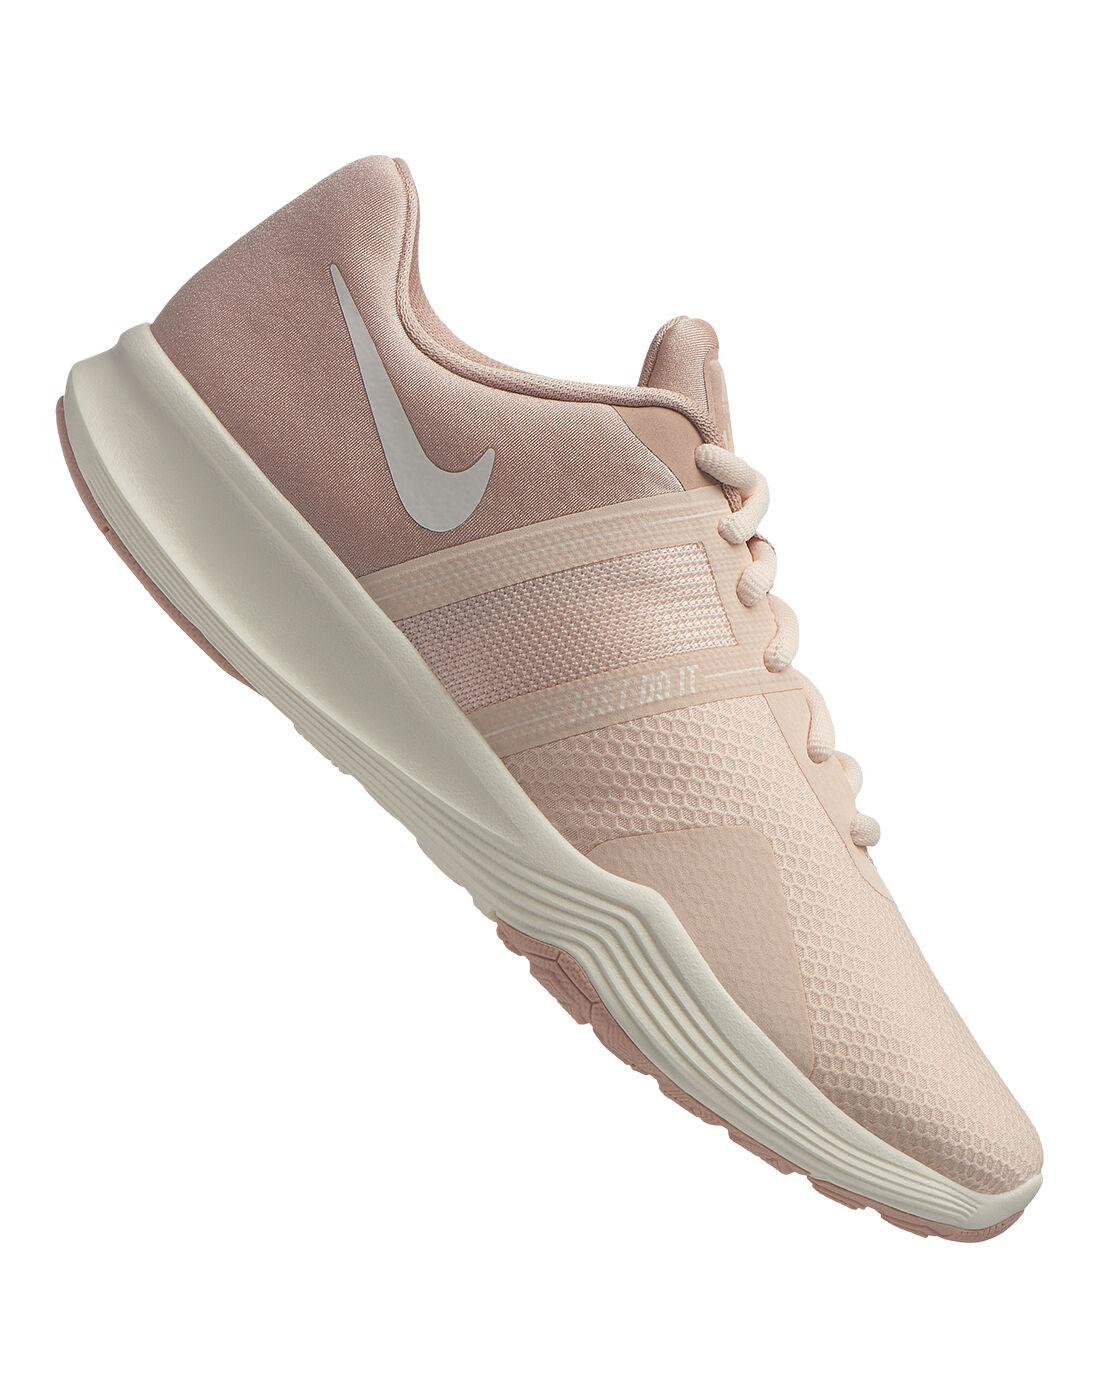 Women's Cream Nike City Trainer 5